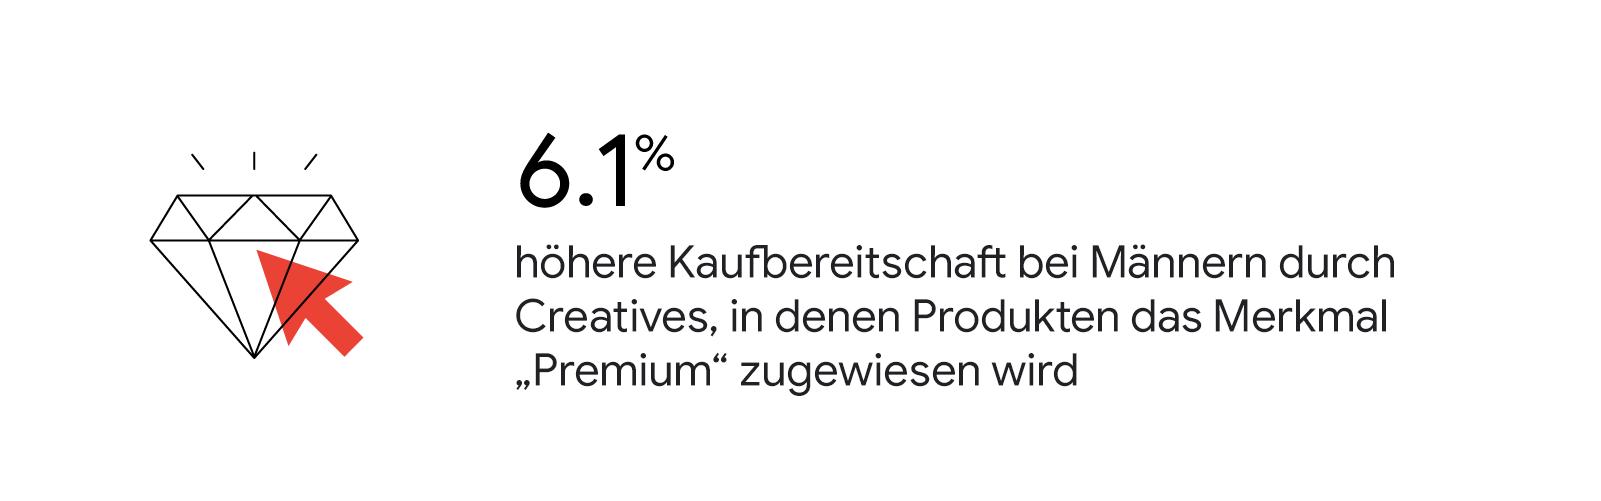 """6,1 % höhere Kaufbereitschaft bei Männern durch Creatives, in denen Produkten das Merkmal """"Premium"""" zugewiesen wird"""